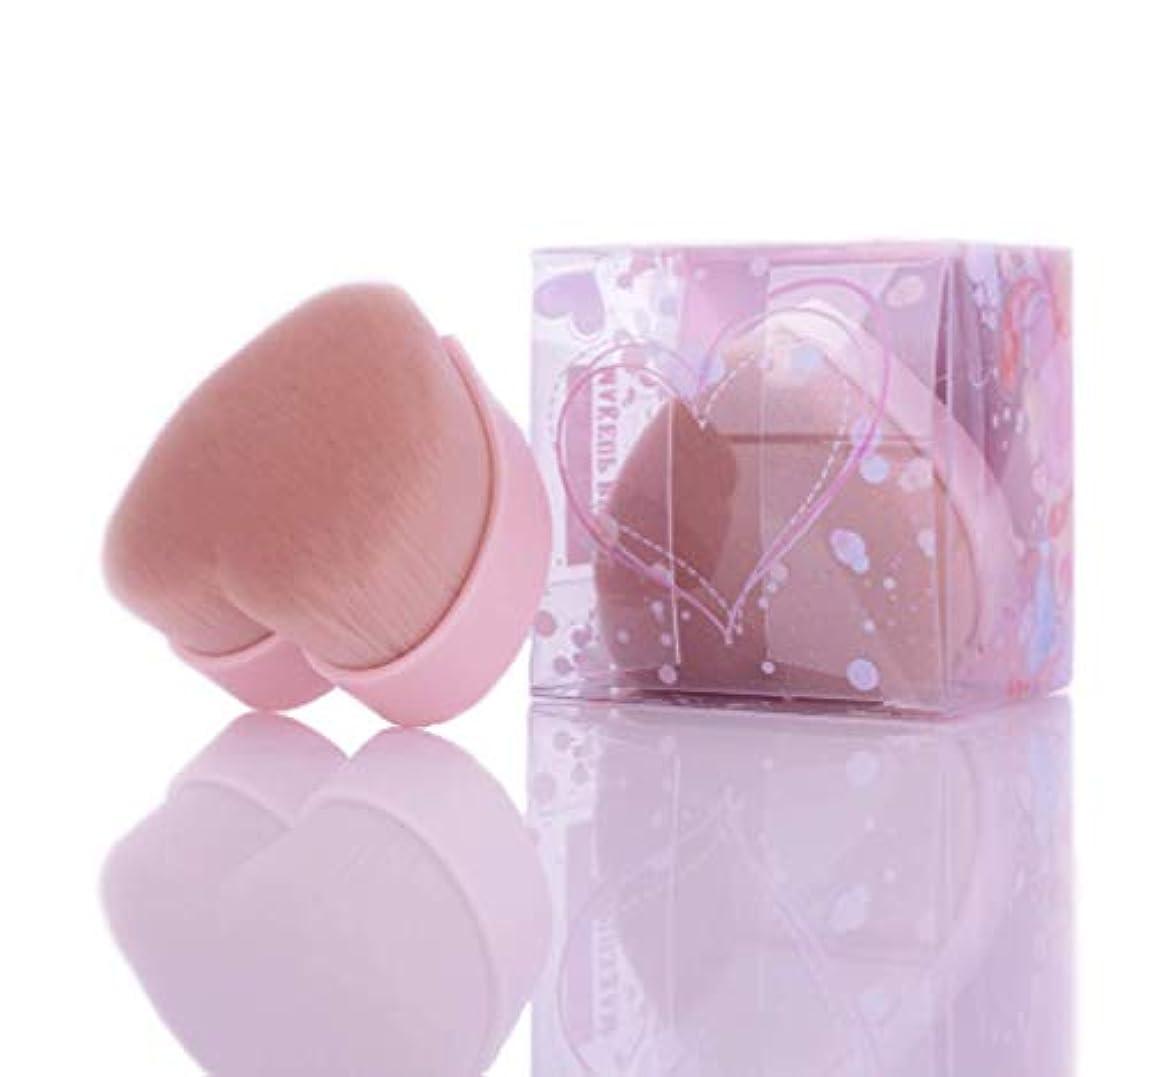 マダムカプセルシエスタメイクブラシ 化粧ブラシ パウダーブラシ 高級繊維毛 極上の肌触り ハート型ブラシ ピンク